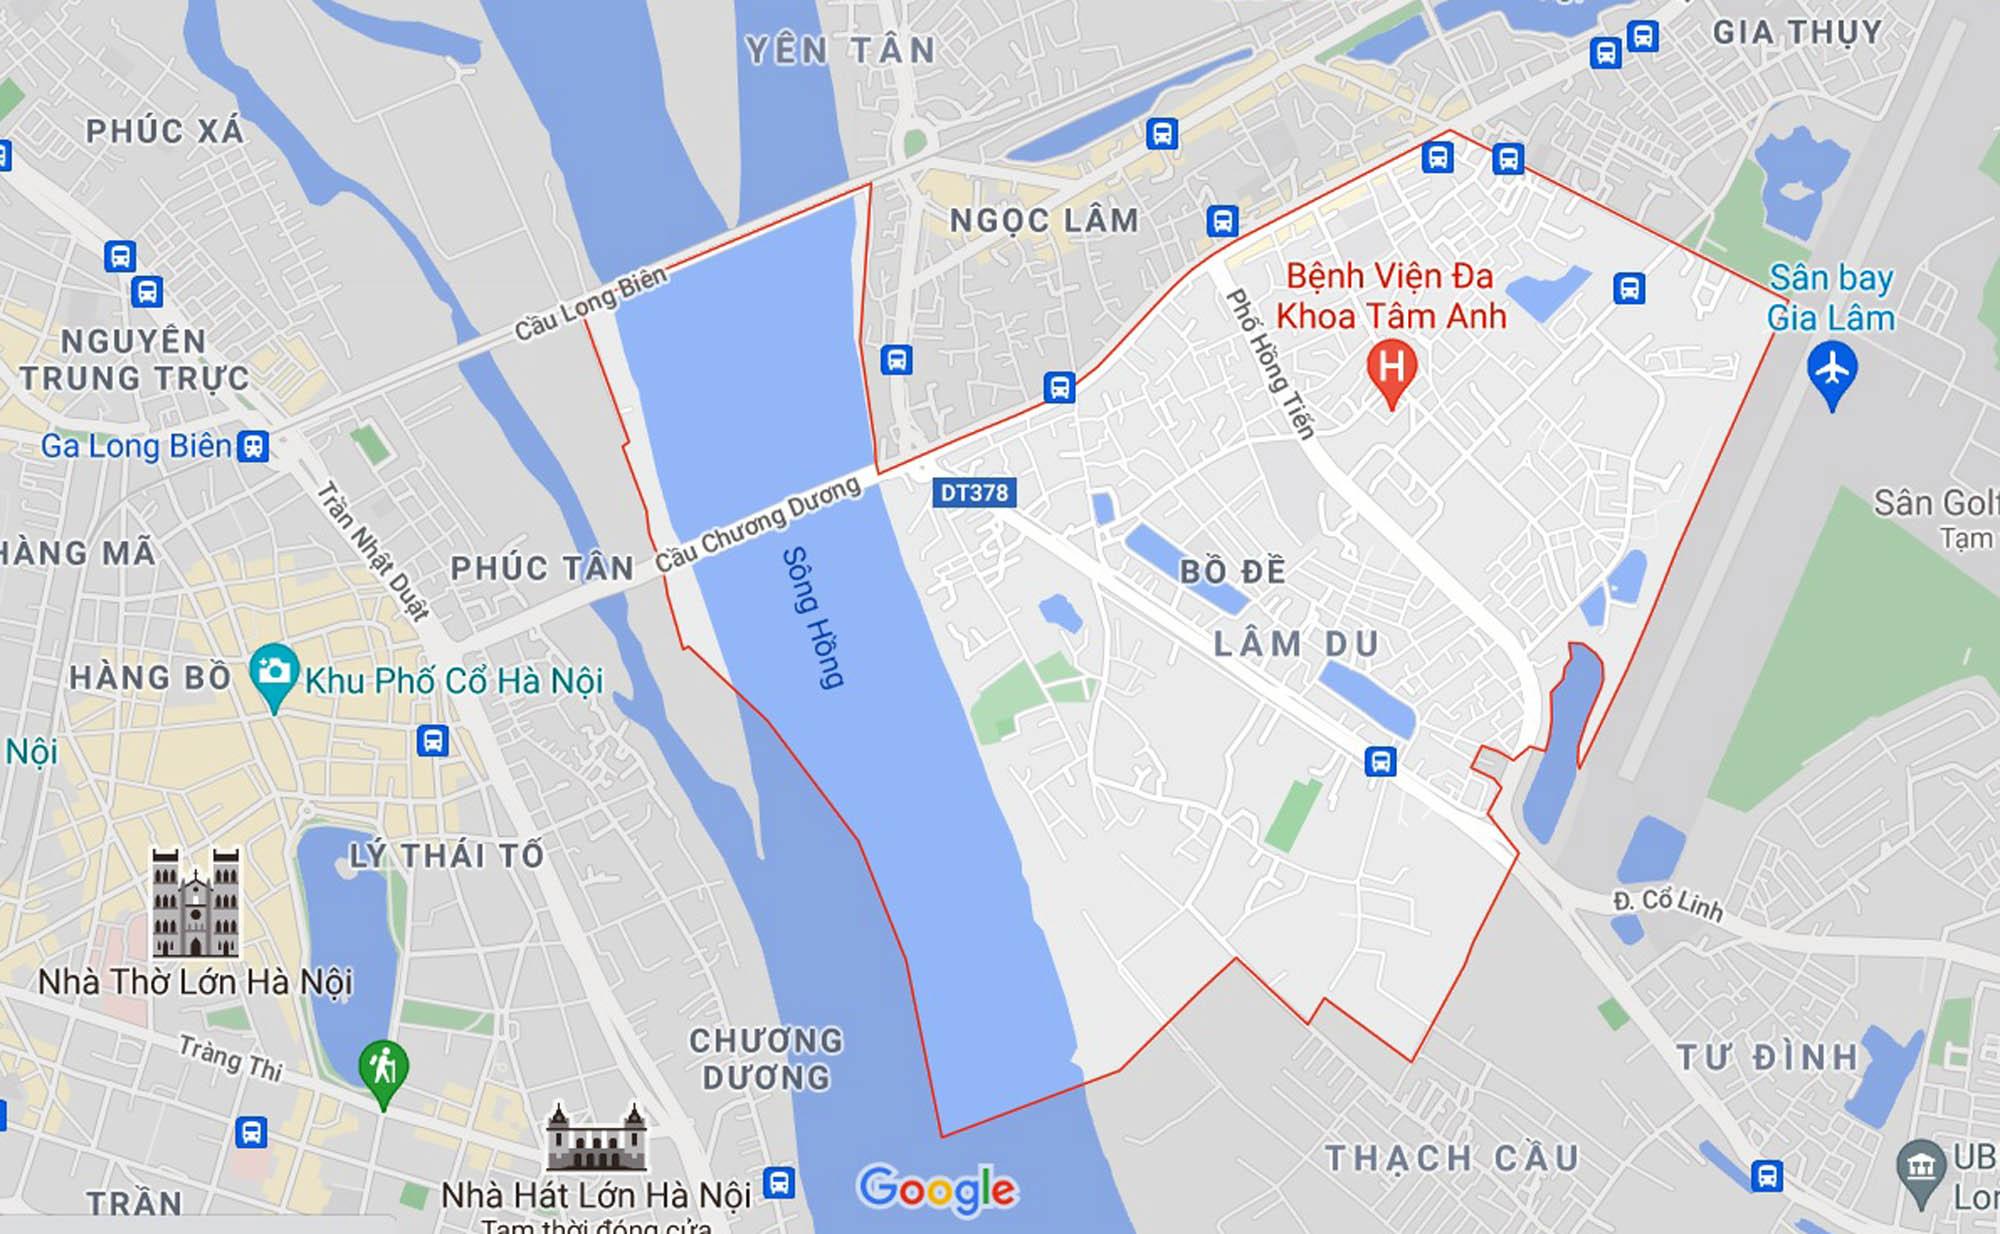 Những khu đất sắp thu hồi để mở đường ở phường Bồ Đề, Long Biên, Hà Nội (phần 2) - Ảnh 1.